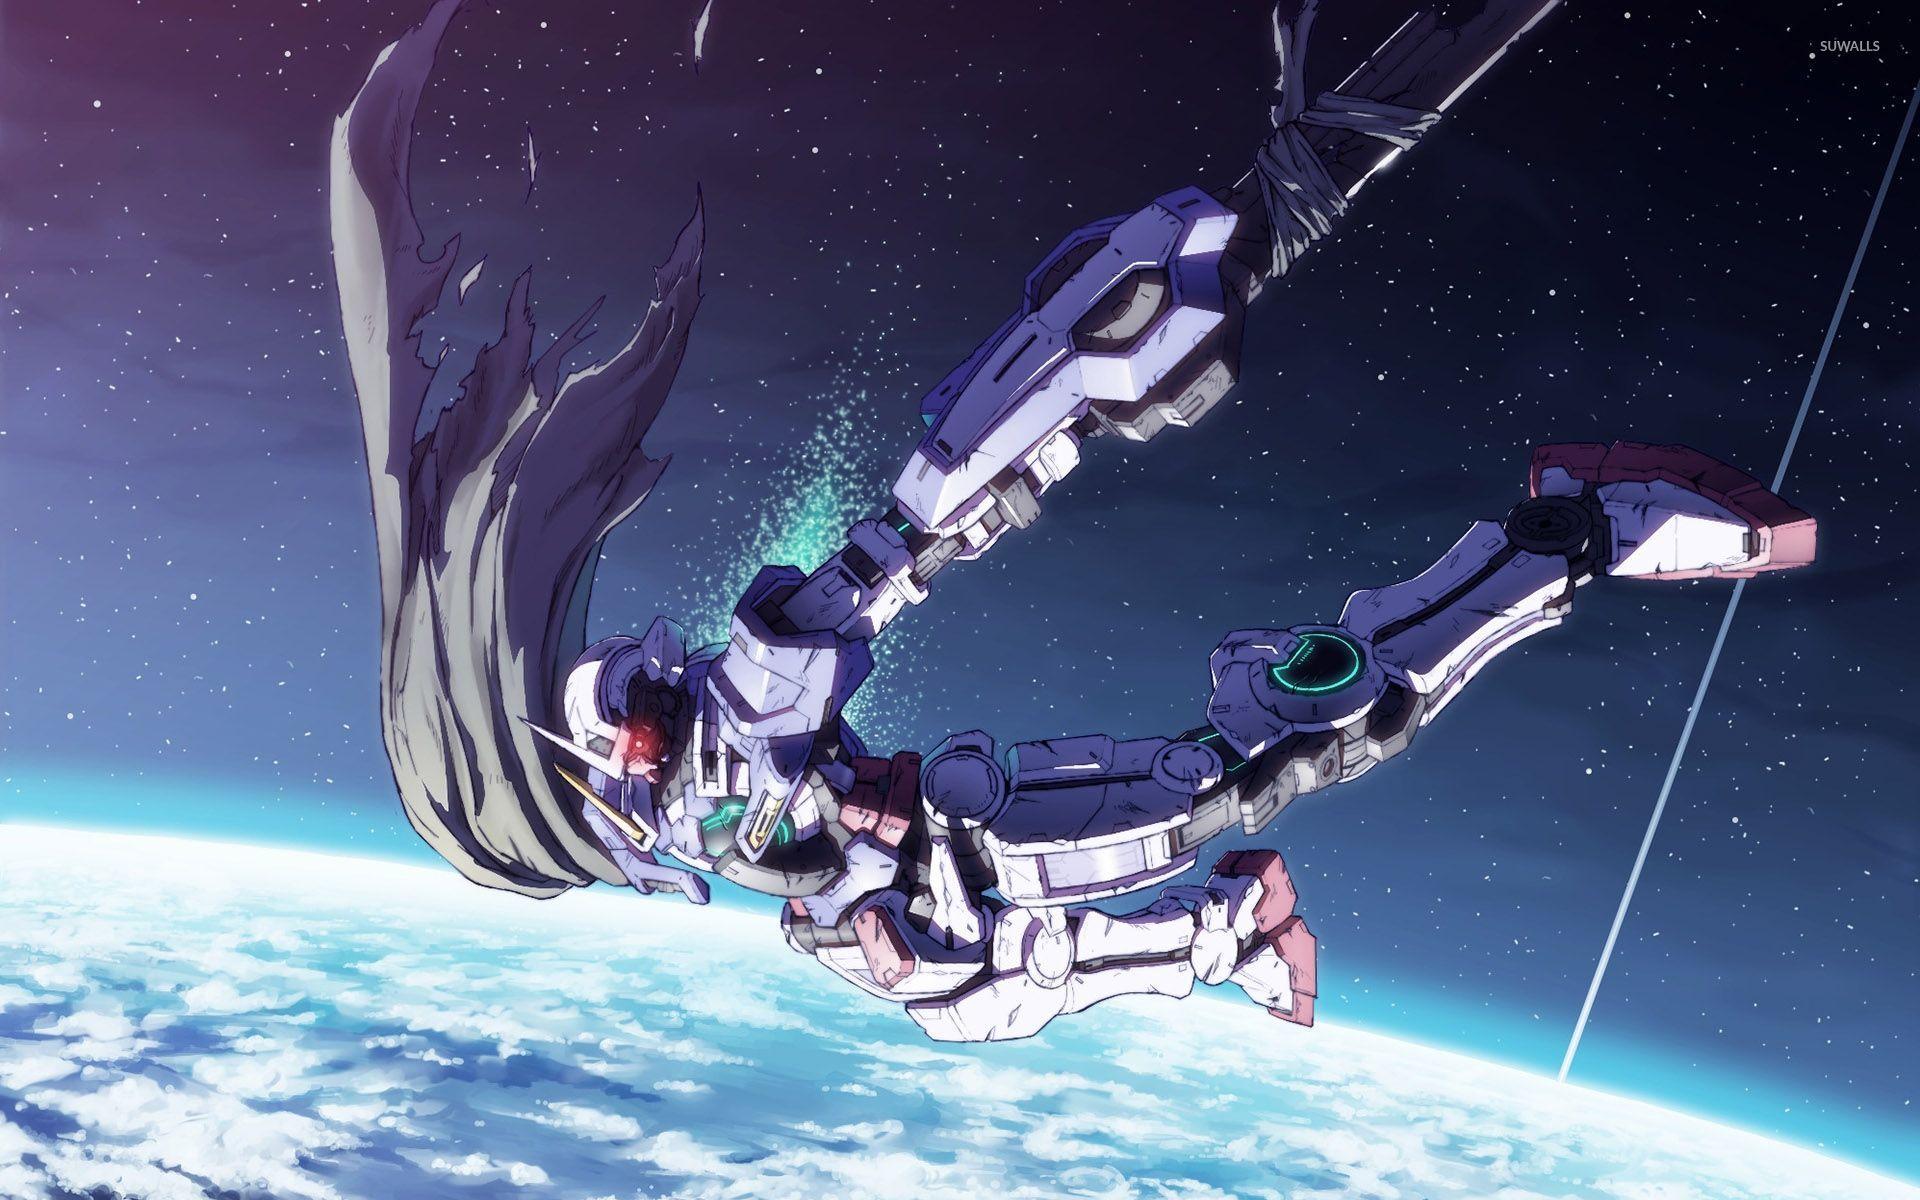 GN 001 Gundam Exia wallpaper   1121267 1920x1200